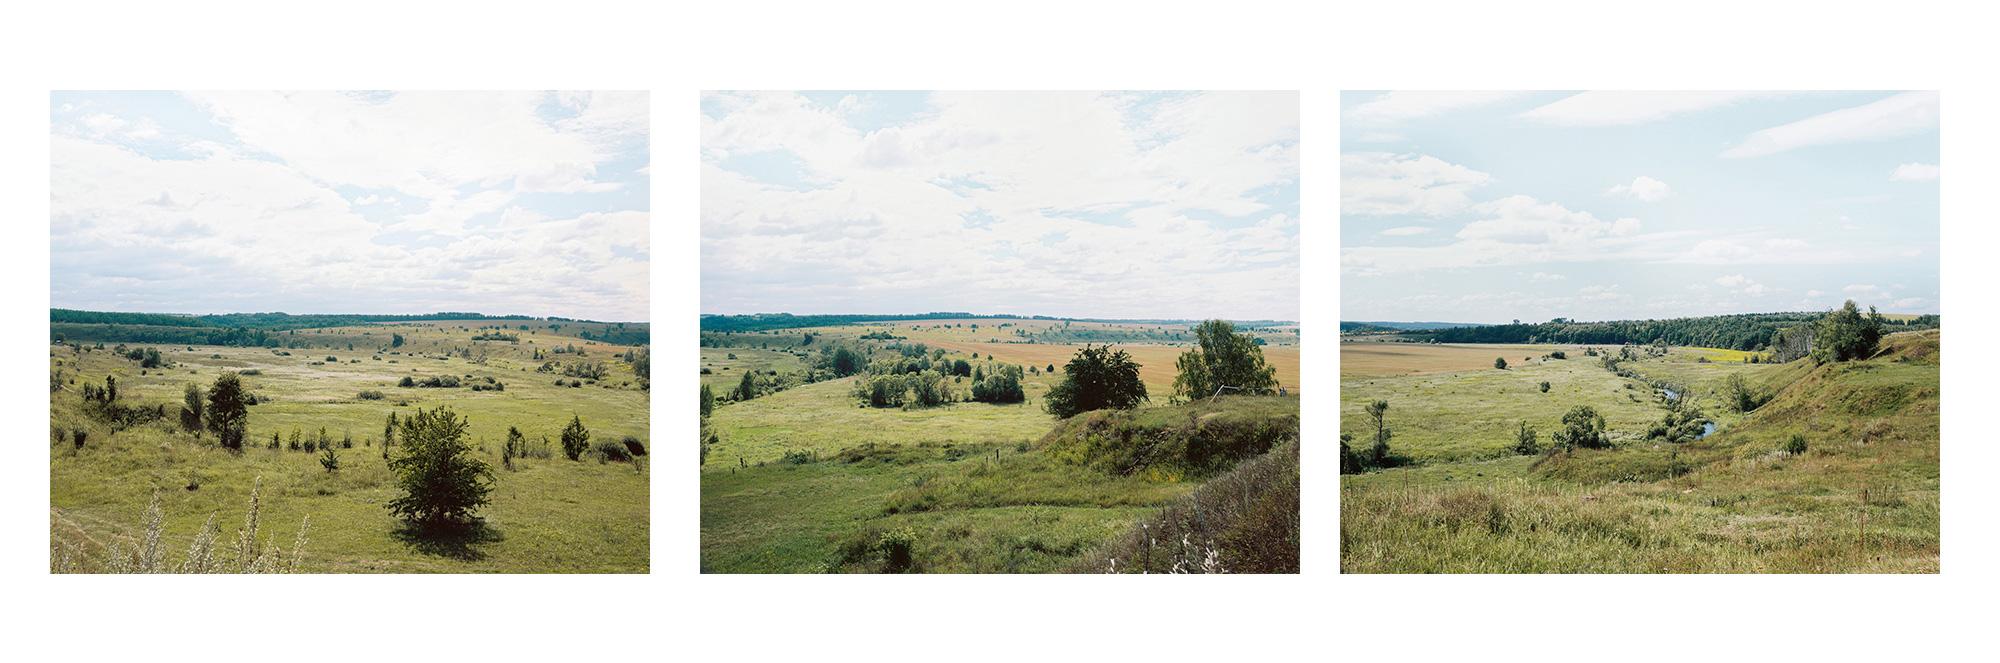 Blick auf Beshin Lug (Beshin-Wiese), von Norden